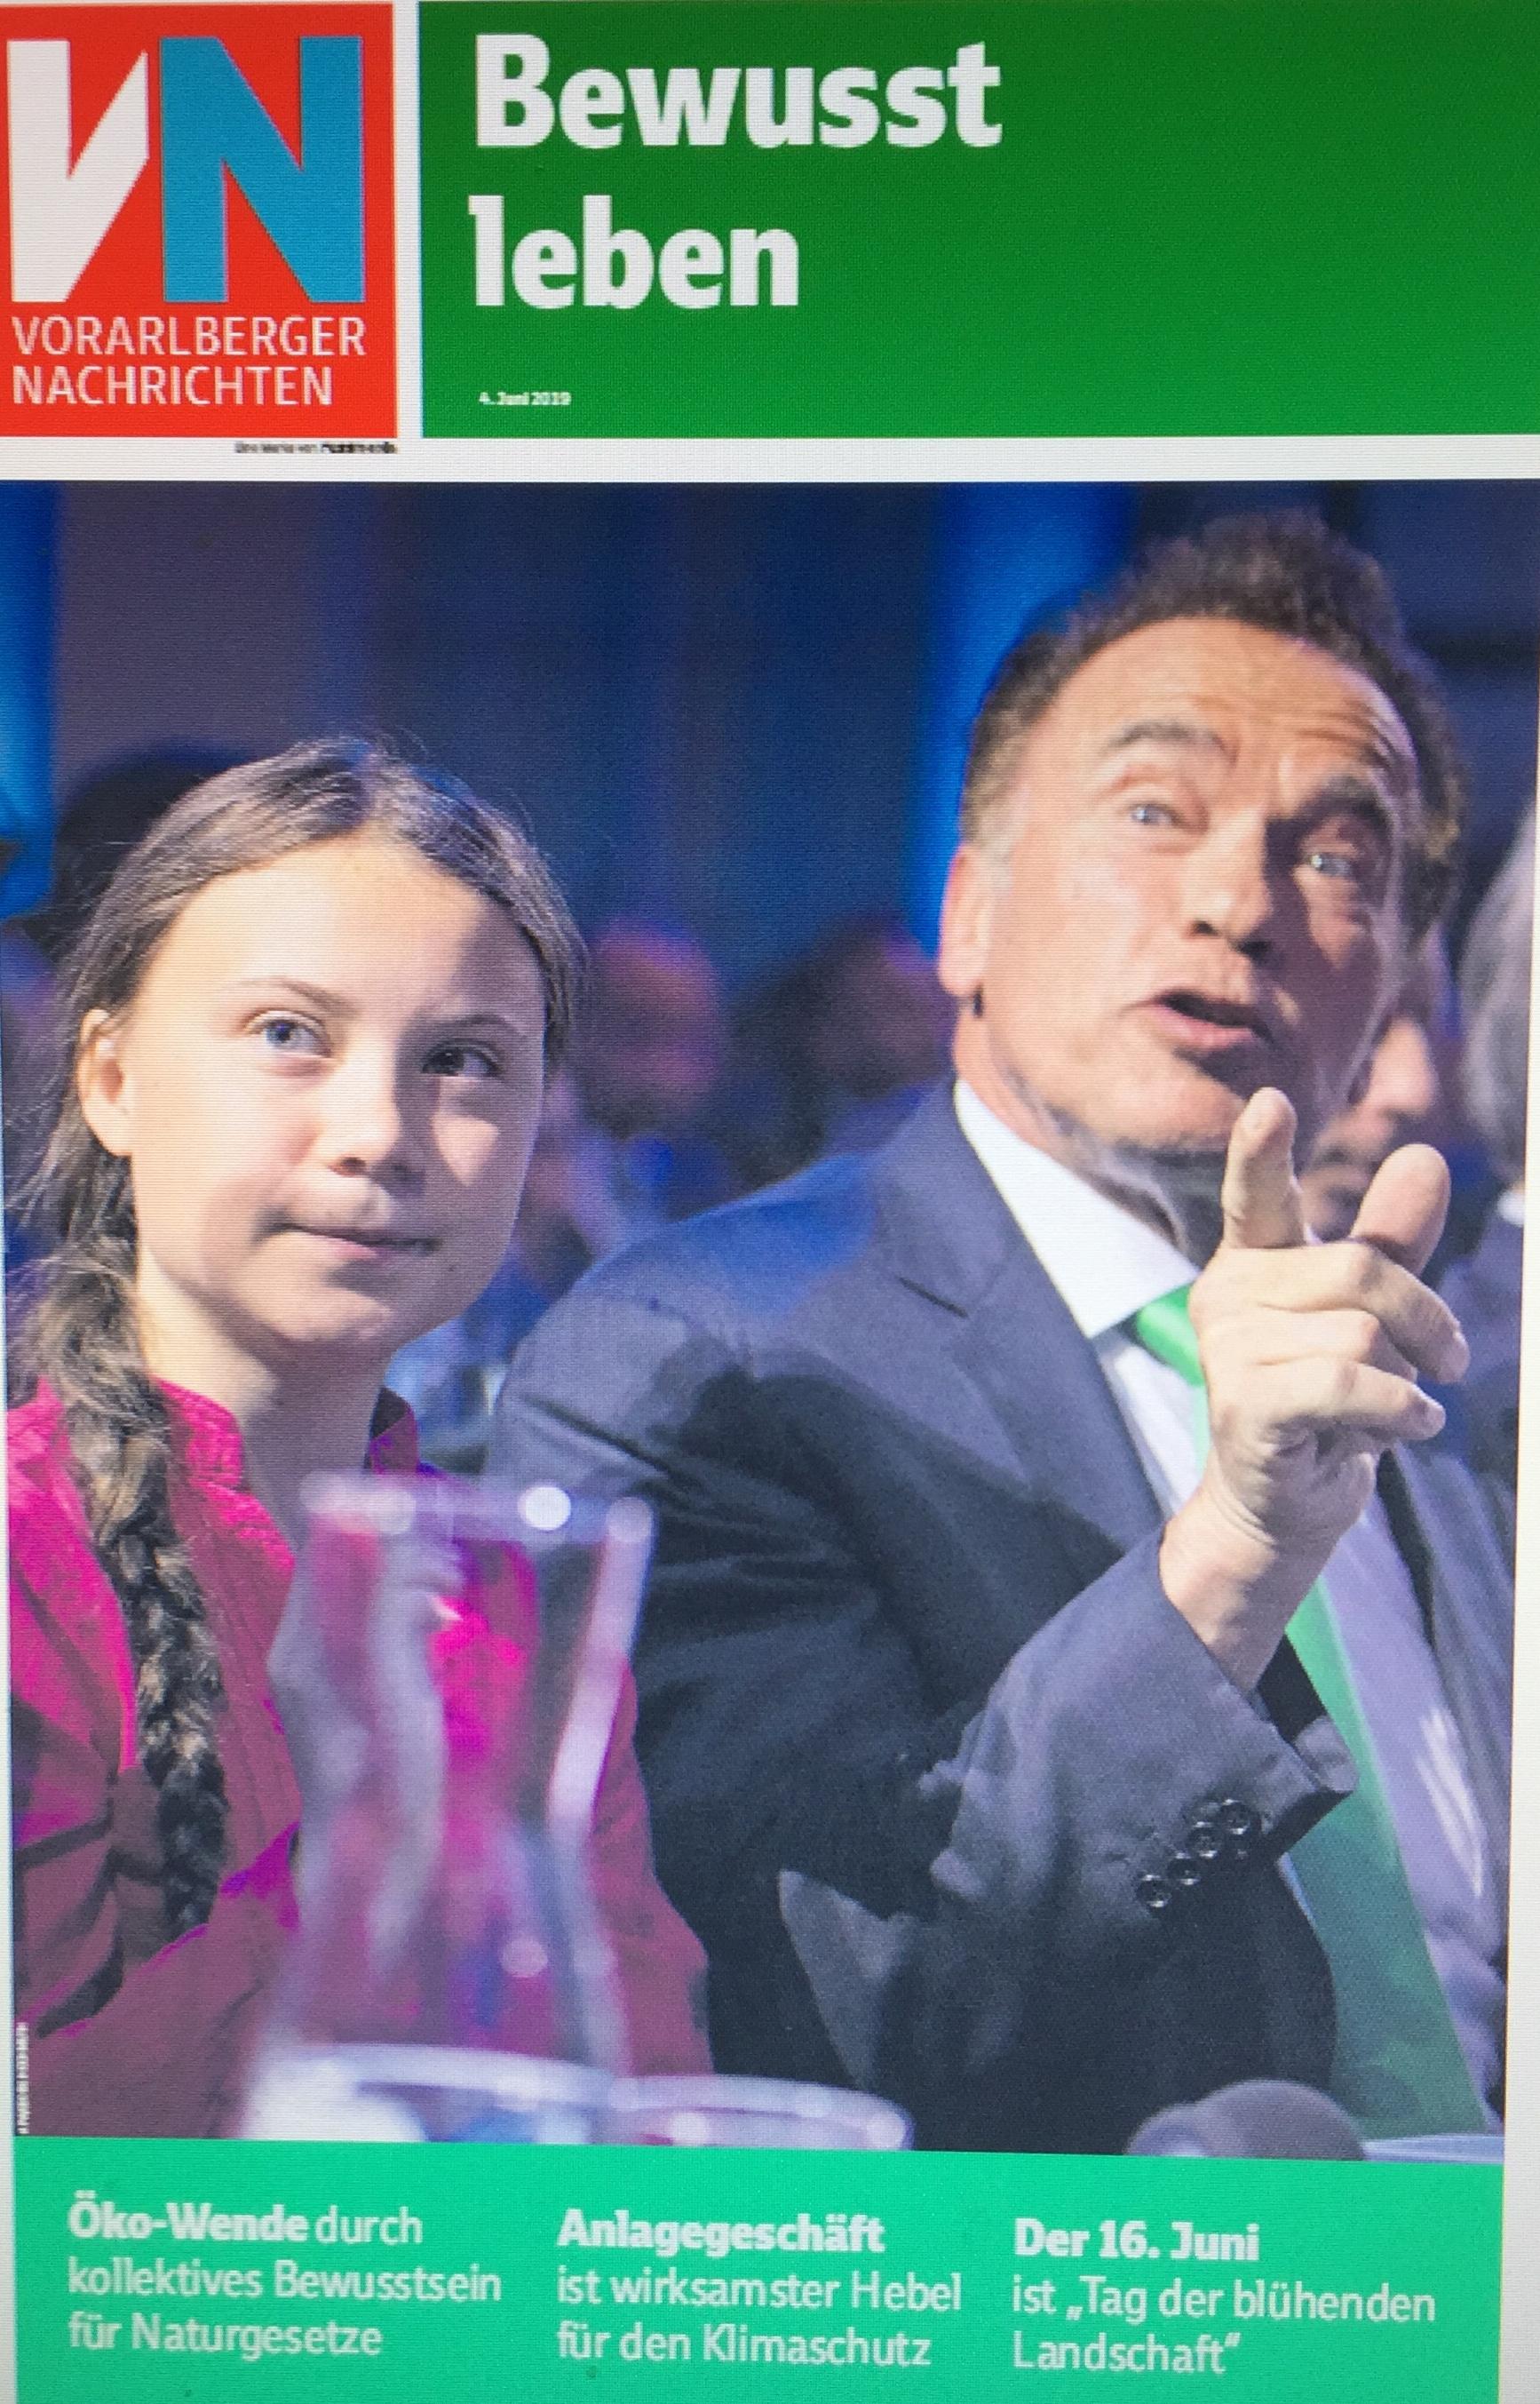 """VN-Extra-Ausgabe """"Bewusst leben"""" vom 4. Juni 2019 von Verena Daum, Projektleitung """"Klimaschutzpreis"""" der Vorarlberger Nachrichten, www.progression.at, www.garden-eden.org"""